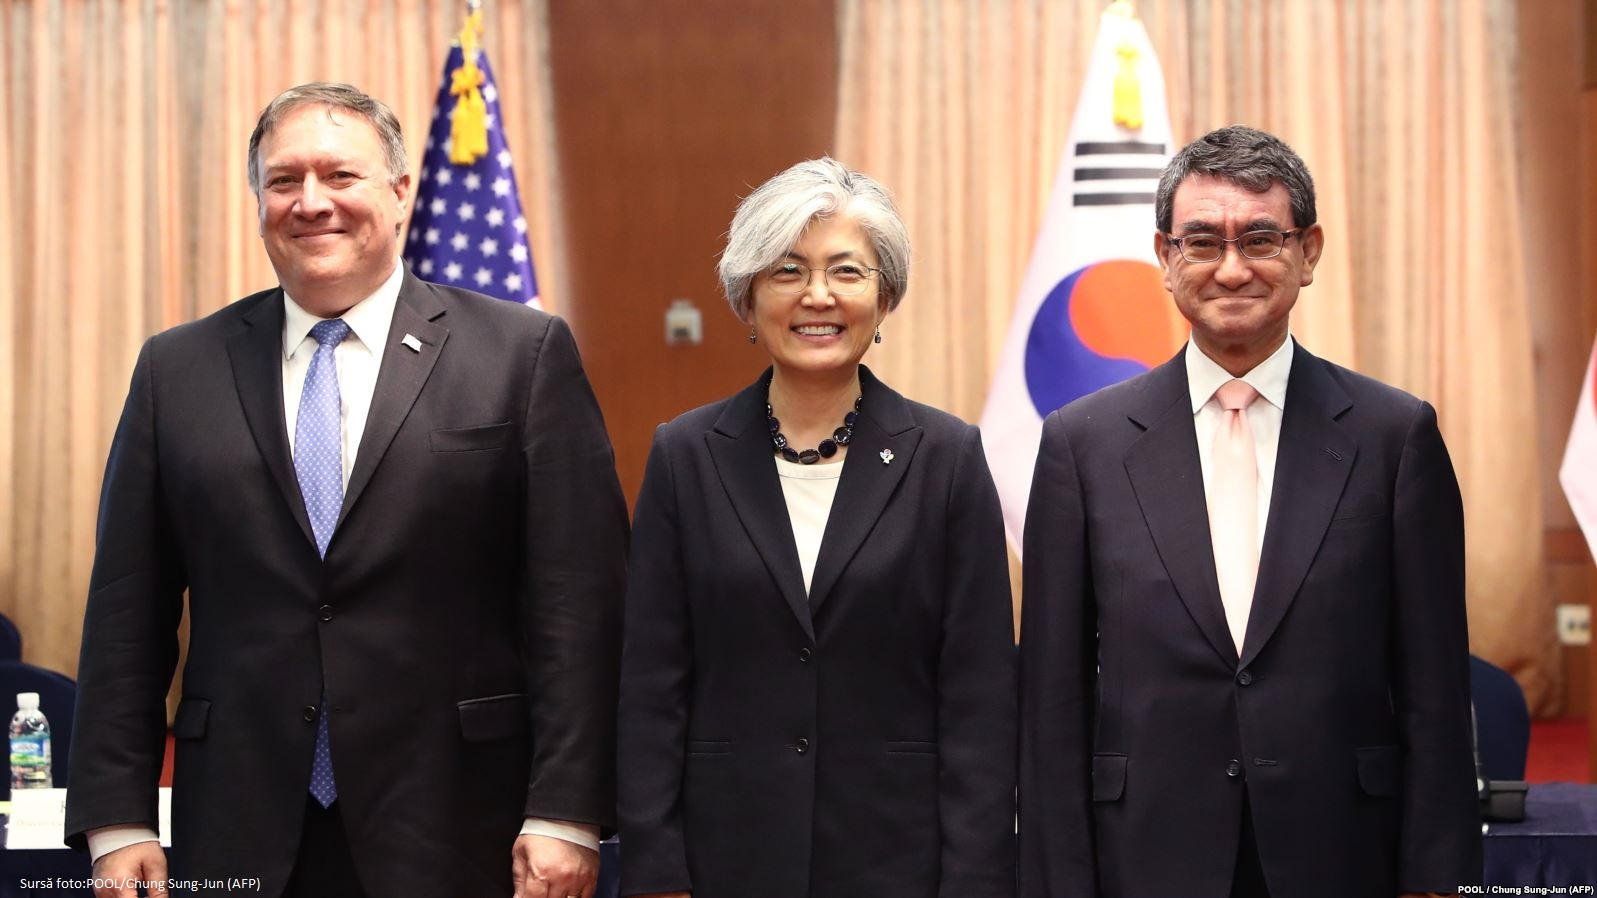 Șefii diplomațiilor din Statele Unite, Japonia si Coreea de Sud vor colabora pentru a se asigura că autoritățile din Coreea de Nord renunță la programul lor nuclear